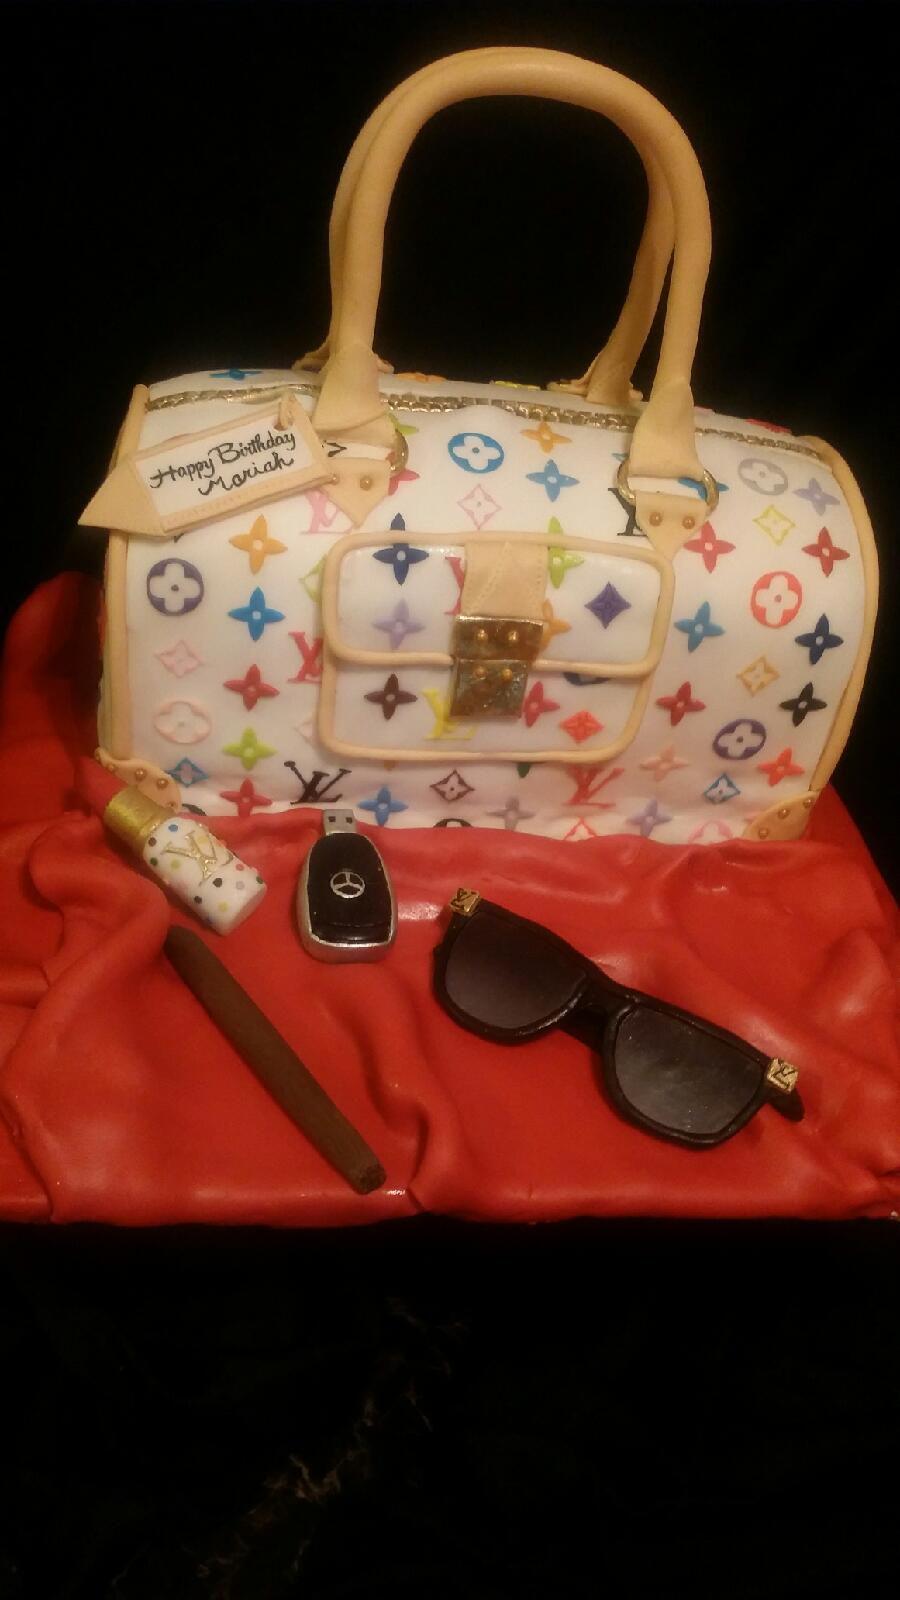 Louis Vuitton Purse Cake Edible Image